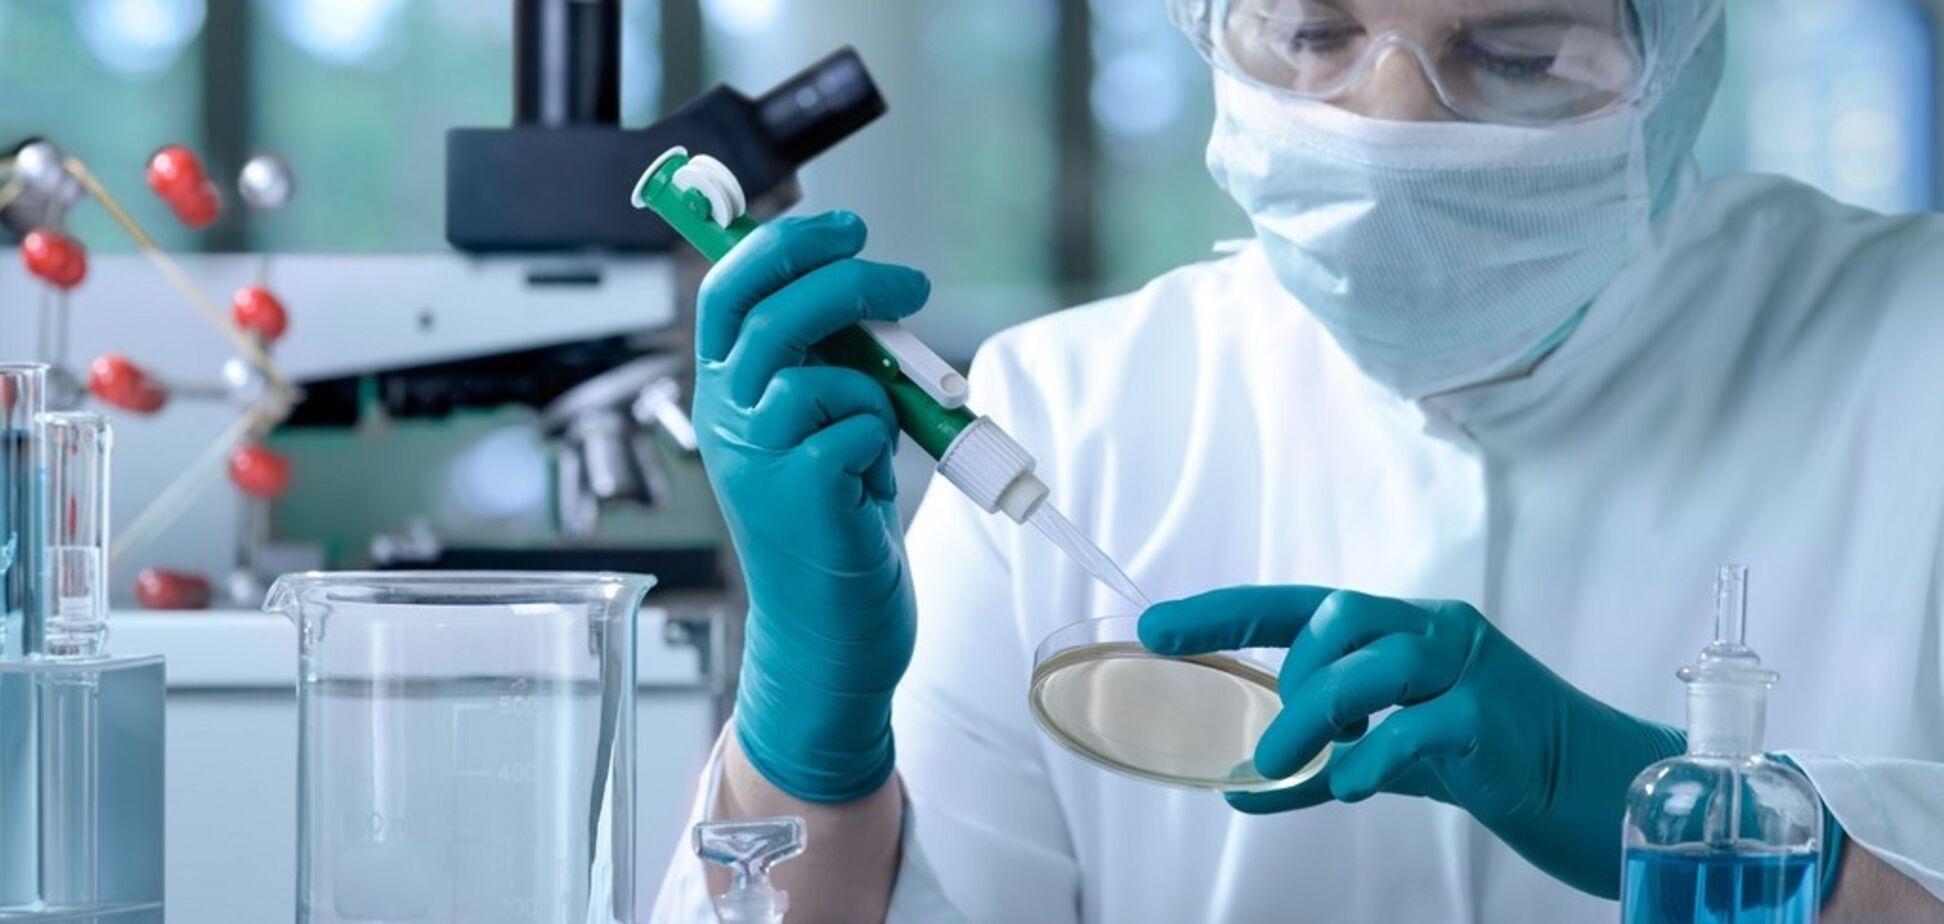 Найдена уникальная молекула для борьбы с раком